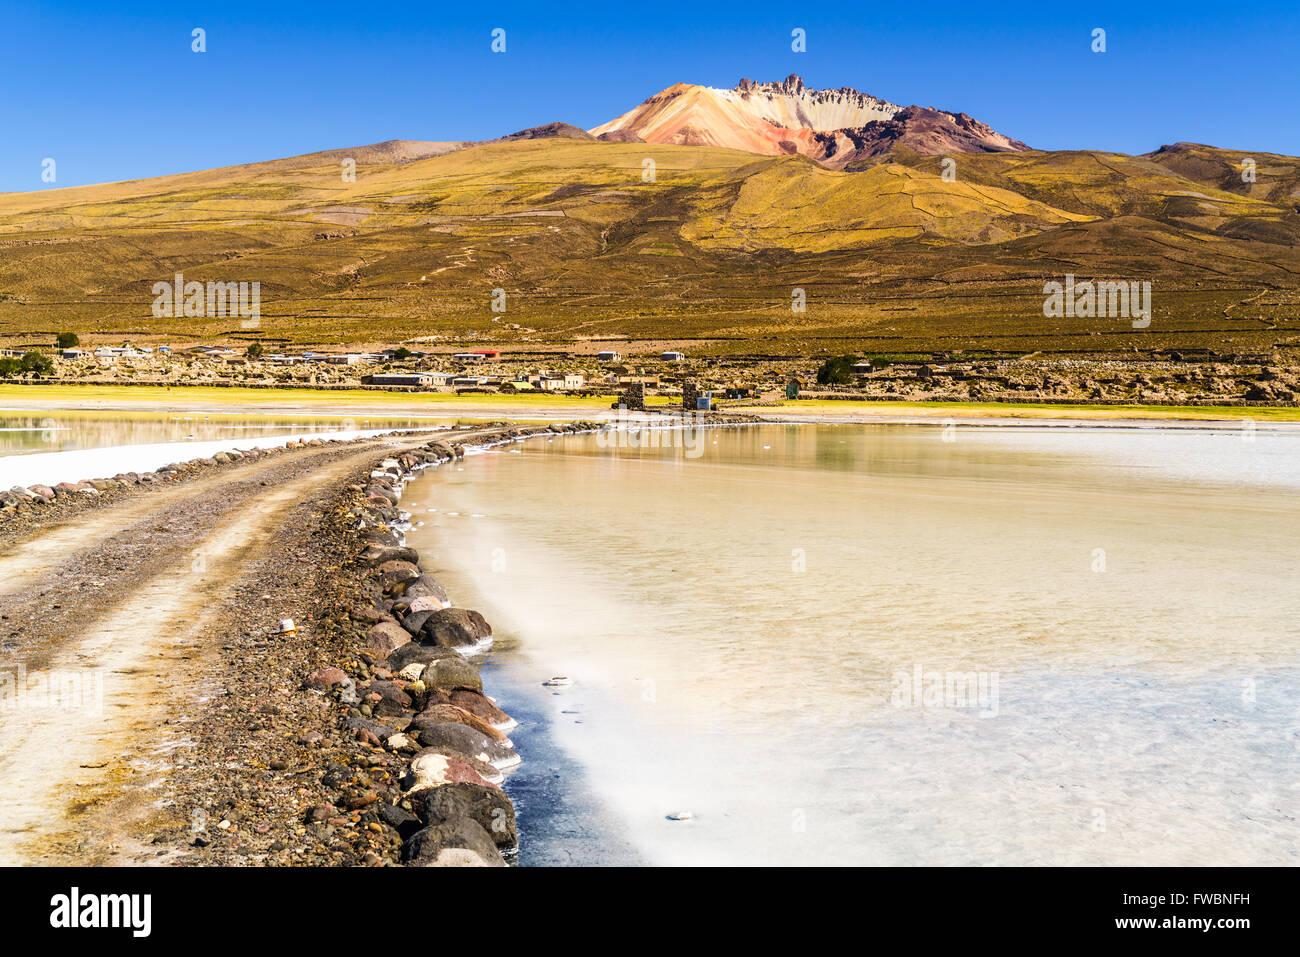 Volcán durmiente y el lago de sal en el Salar de Uyuni, Bolivia Imagen De Stock